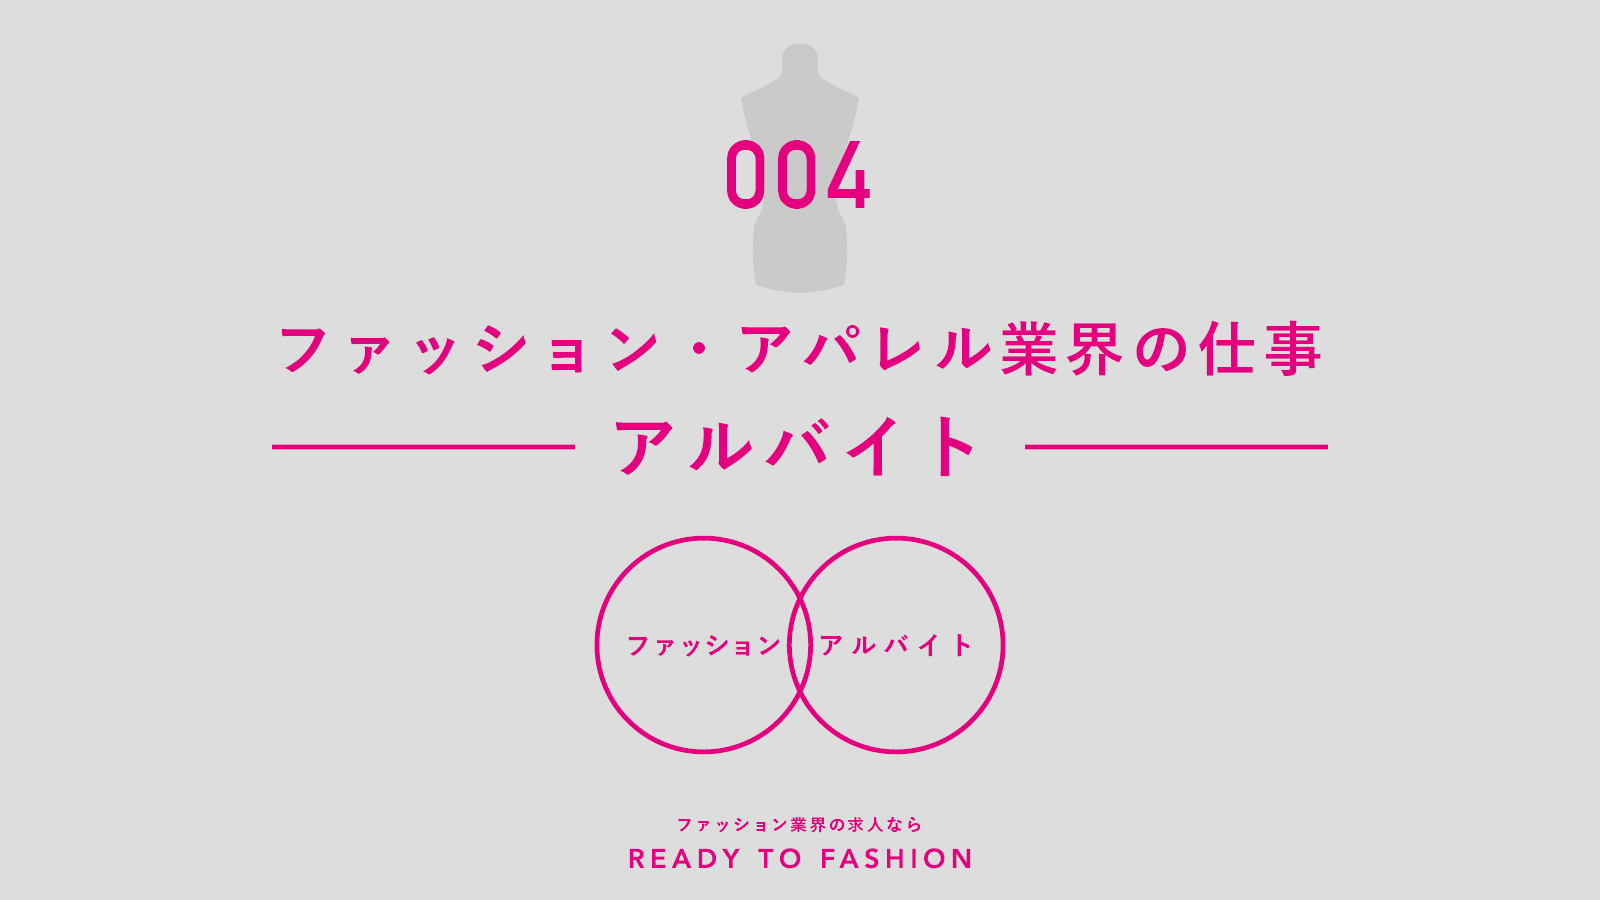 【連載】ファッション・アパレル業界の仕事|vol.4 アルバイト①